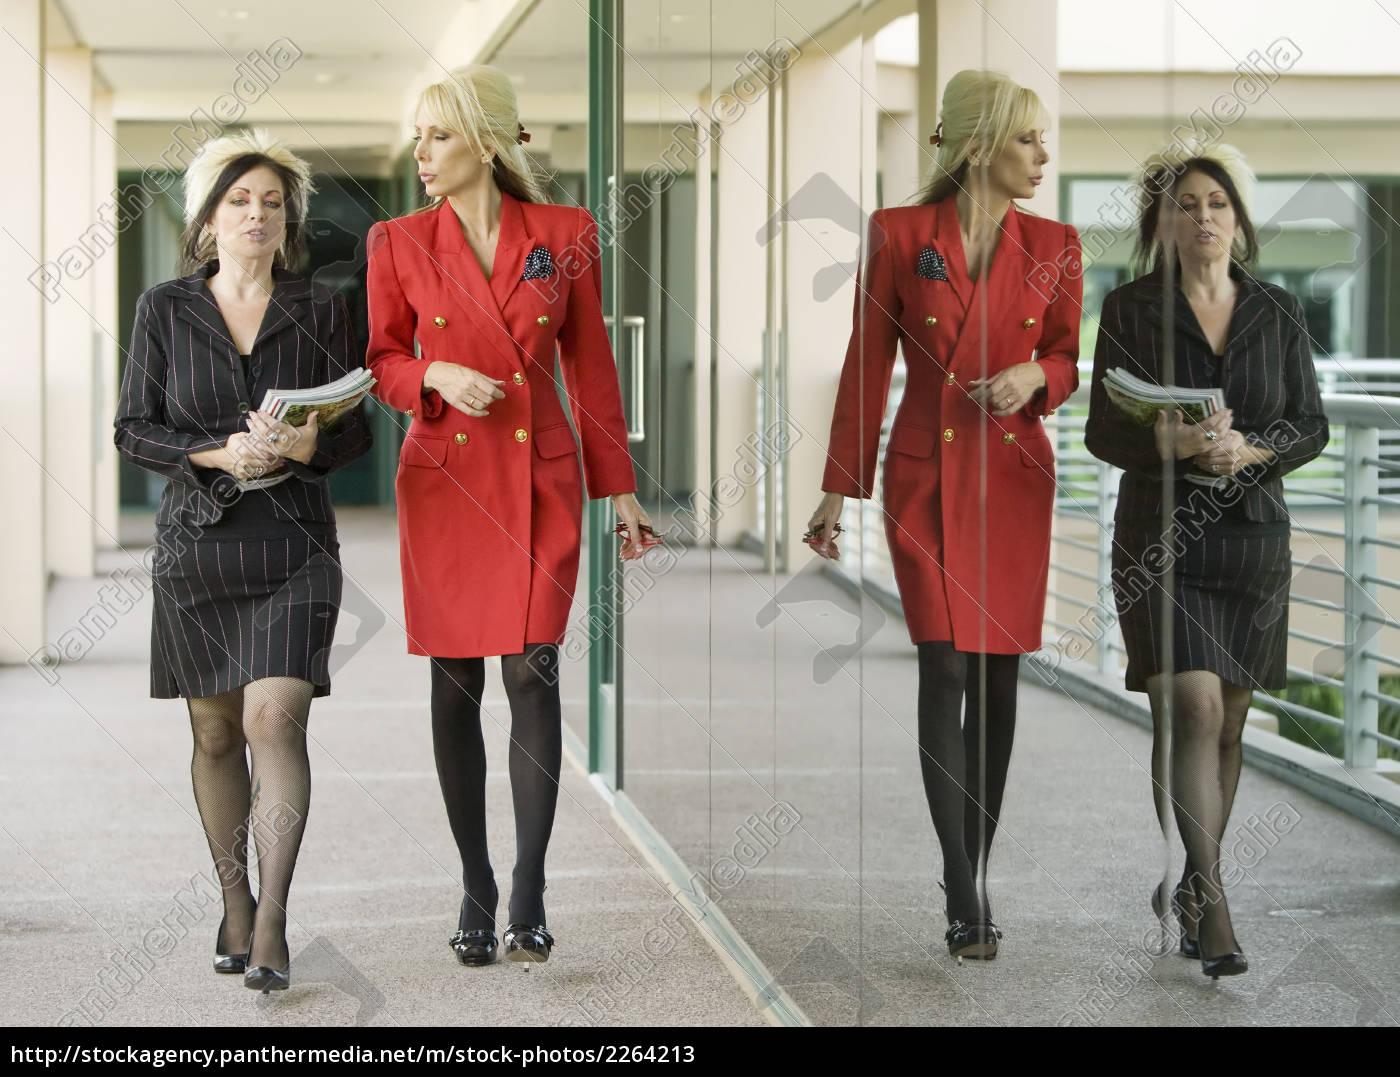 modern, businesswomen, on, an, outdoor, walkway - 2264213